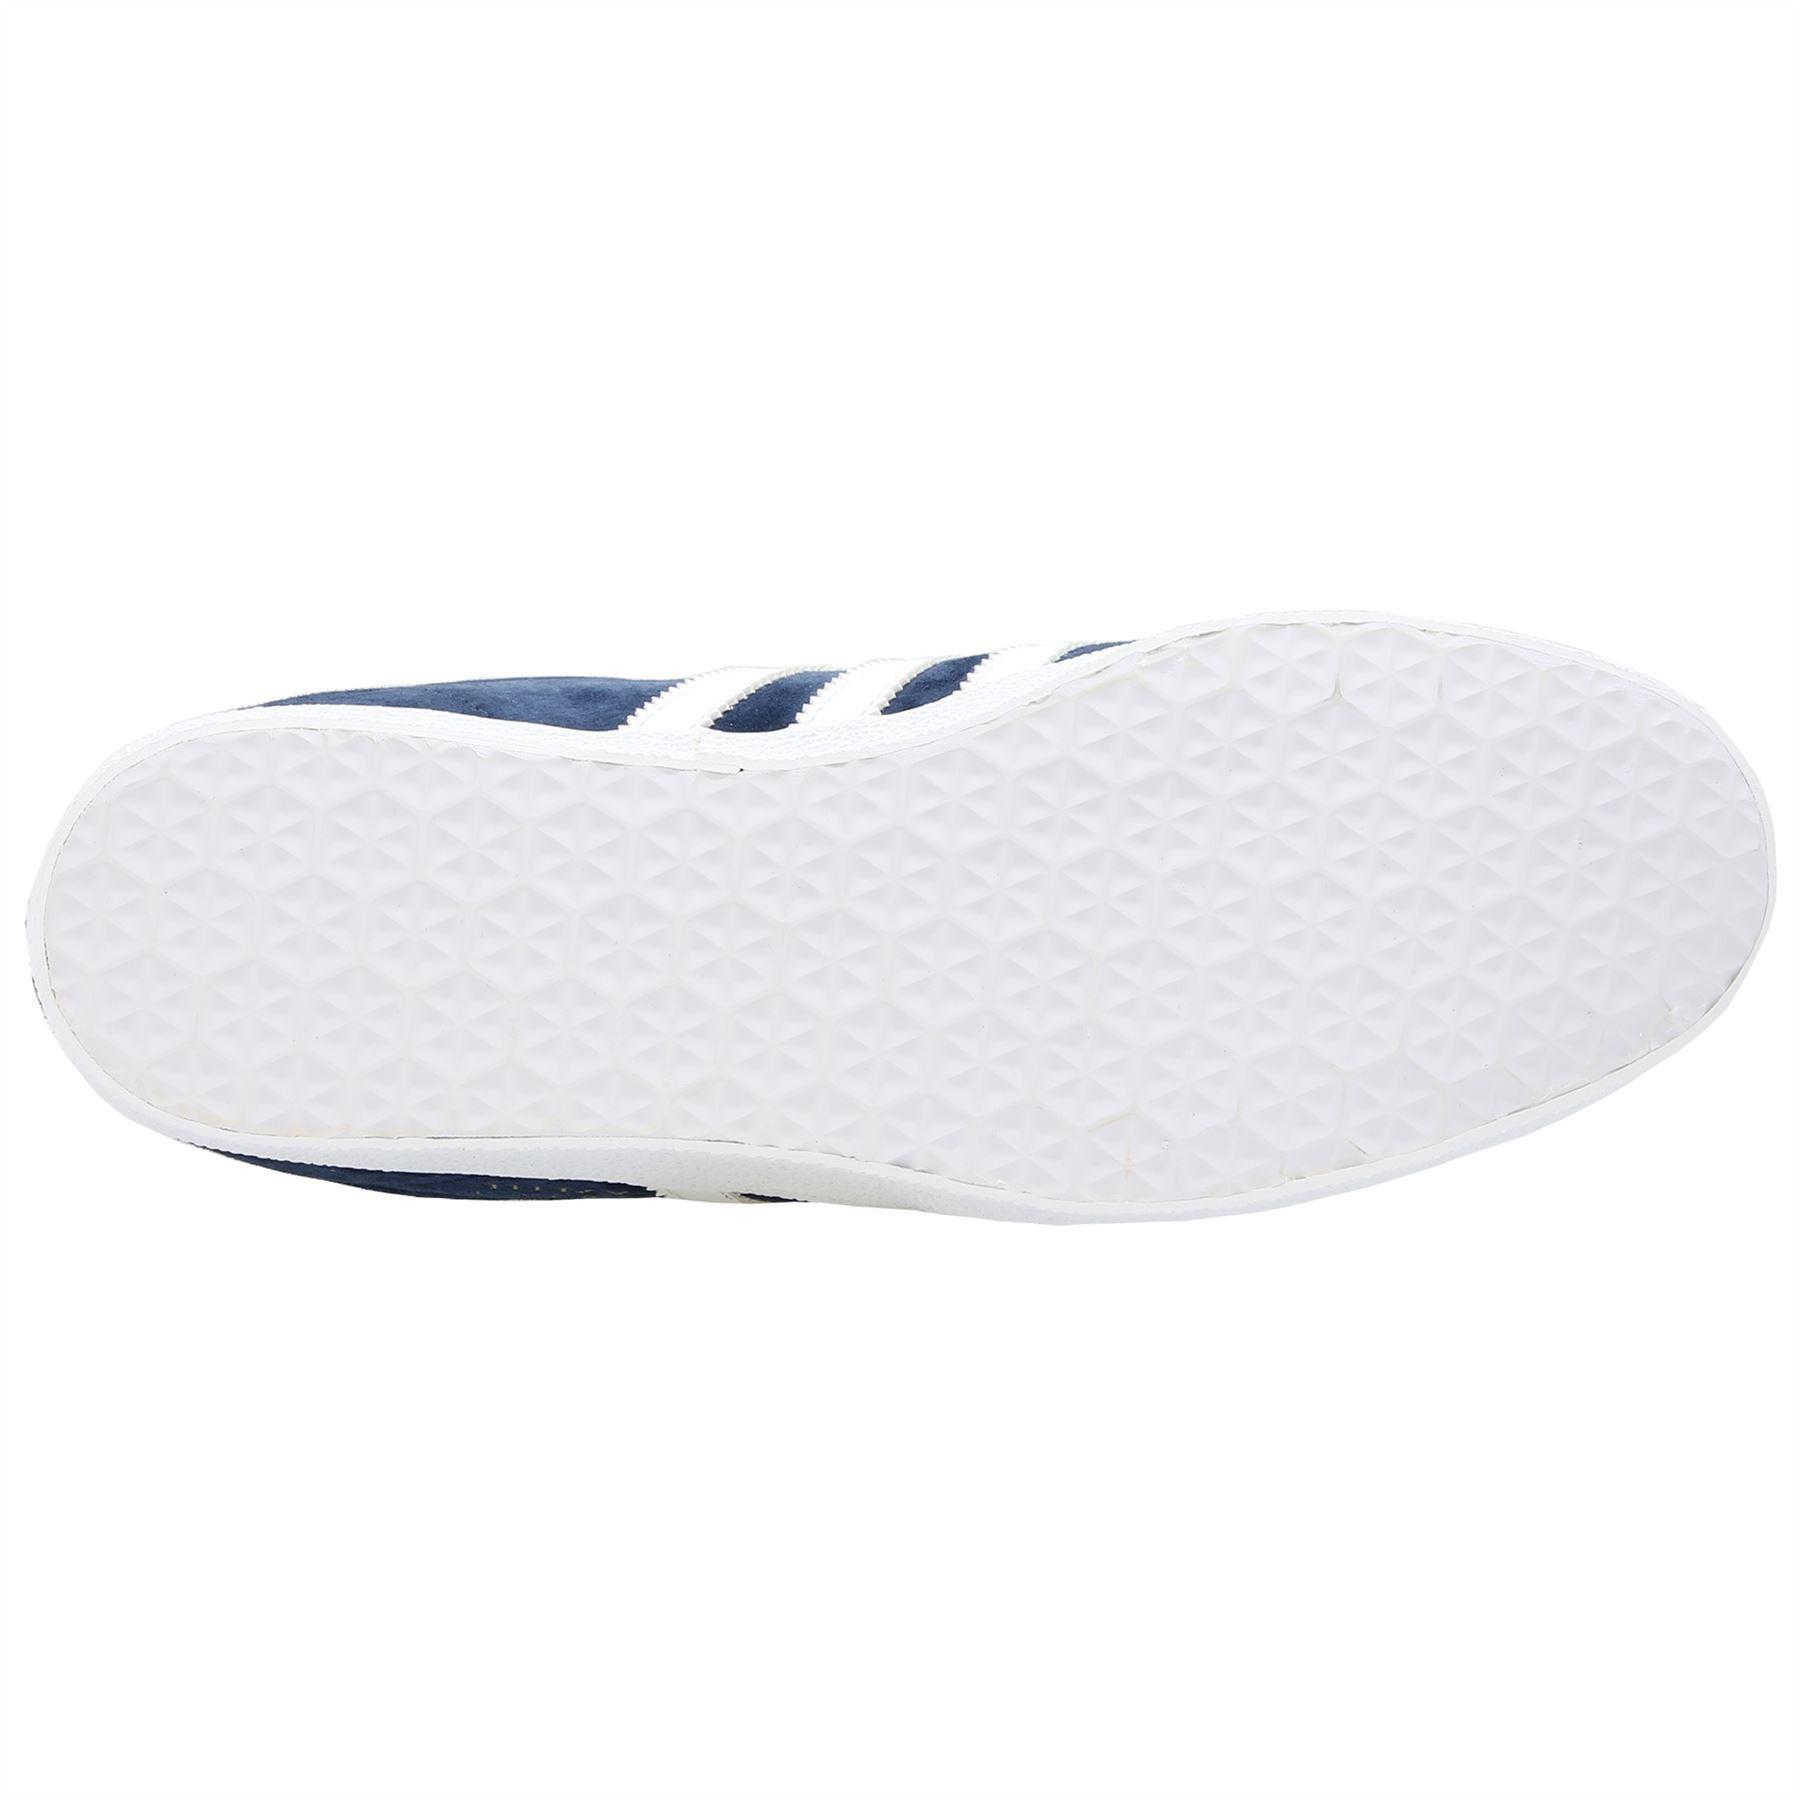 adidas-ORIGINALS-MEN-039-S-GAZELLE-TRAINERS-SIZE-7-8-9-10-11-12-SUEDE-LEATHER-SHOES